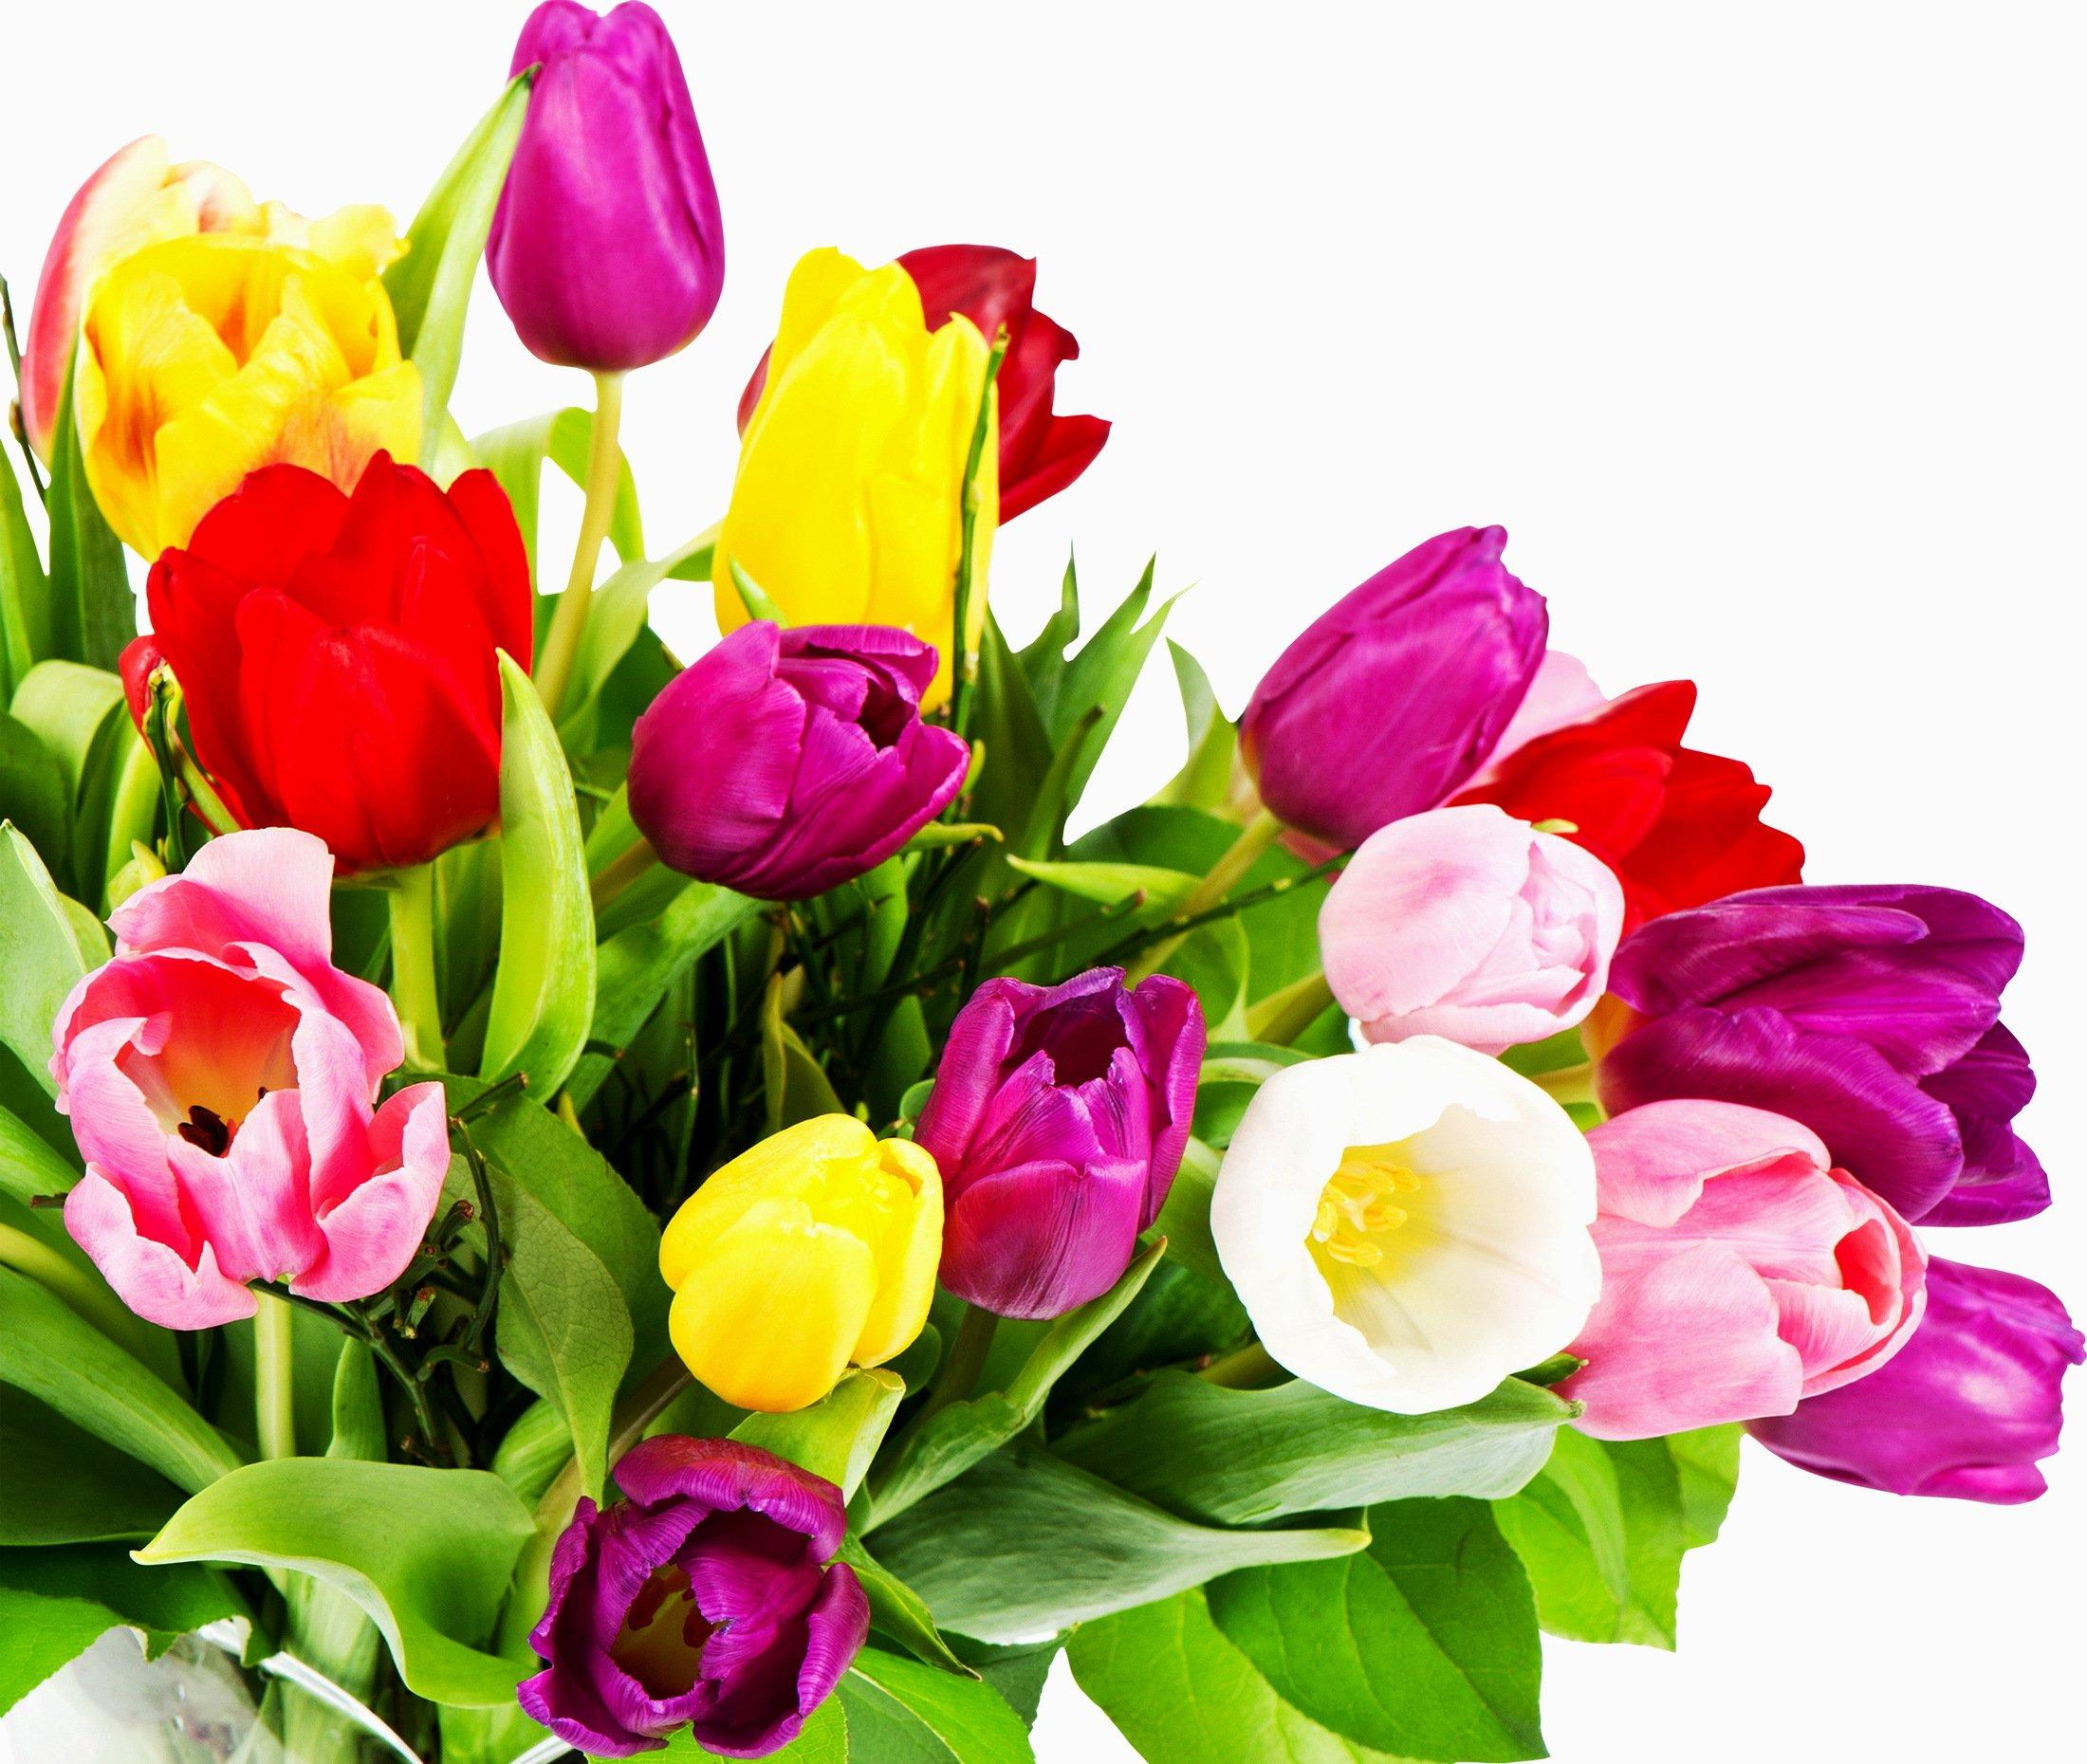 Всех девушек с Канобу, с 8 марта! Счастья Вам, удачи, море улыбок , позитива и любви!) - Изображение 1